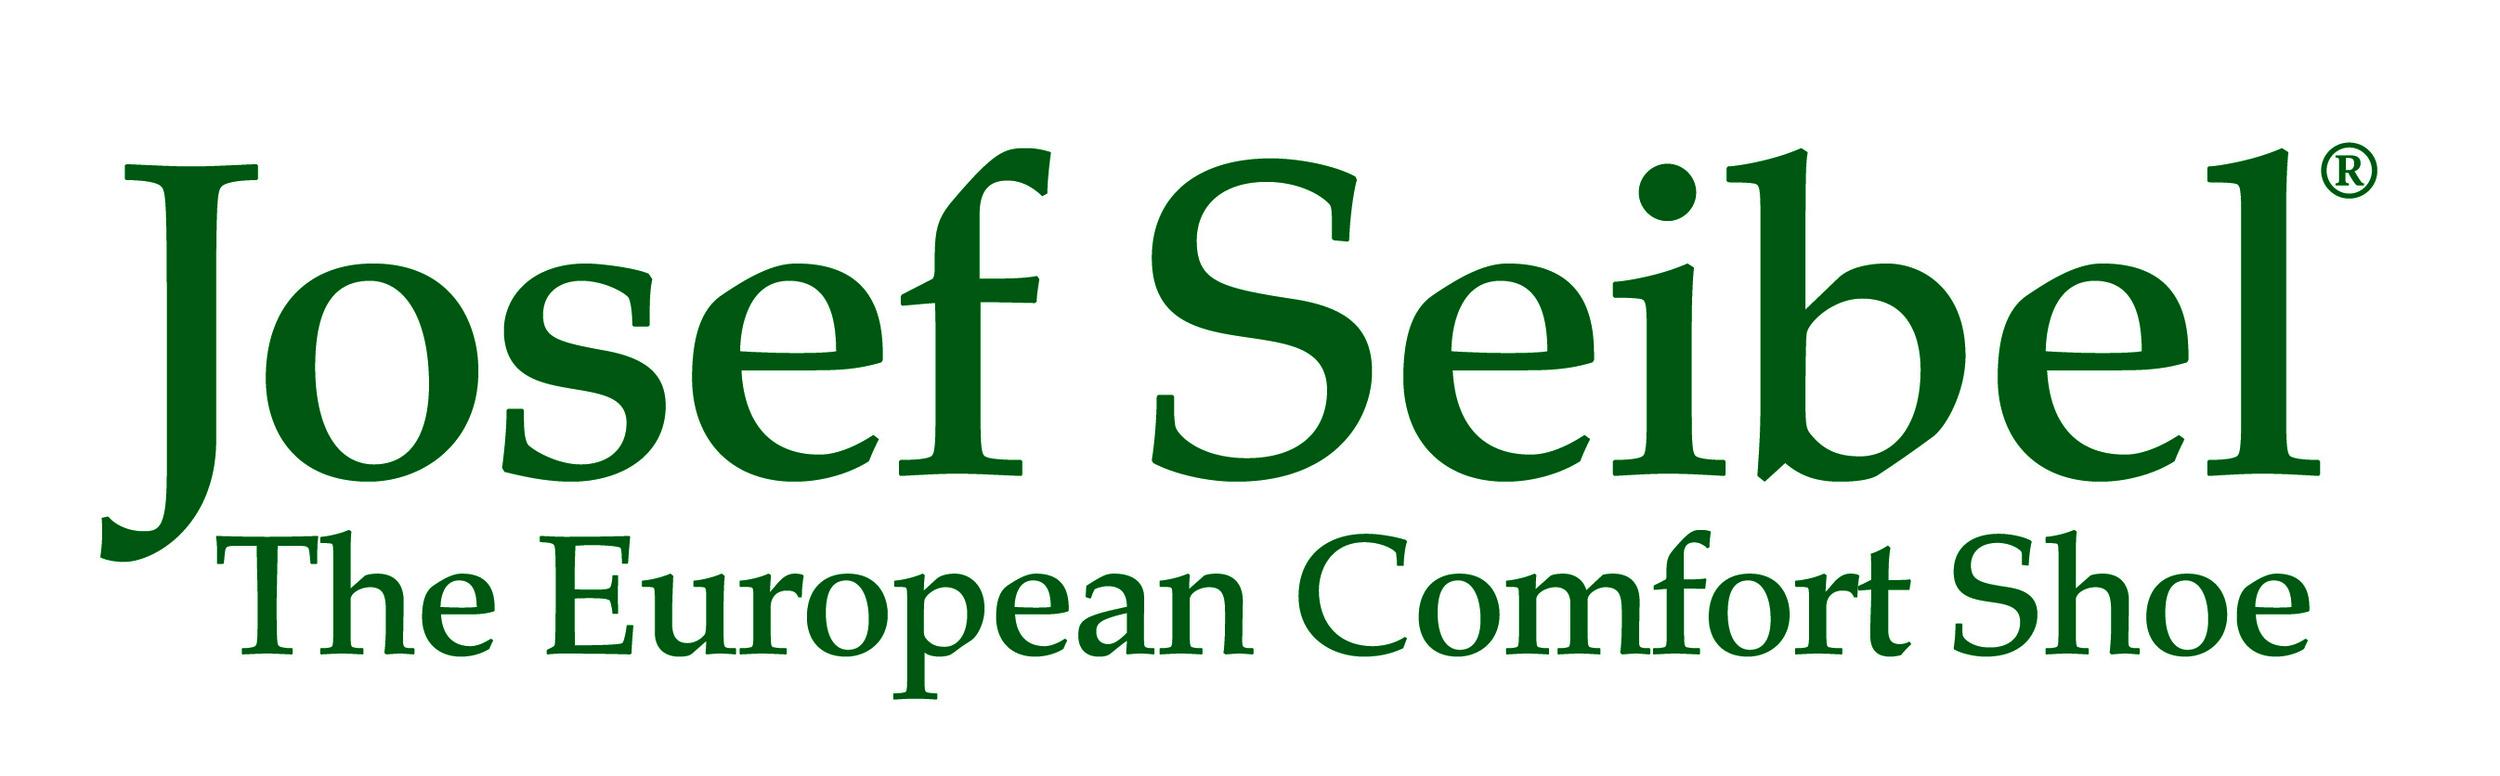 Seibel-logo.jpg